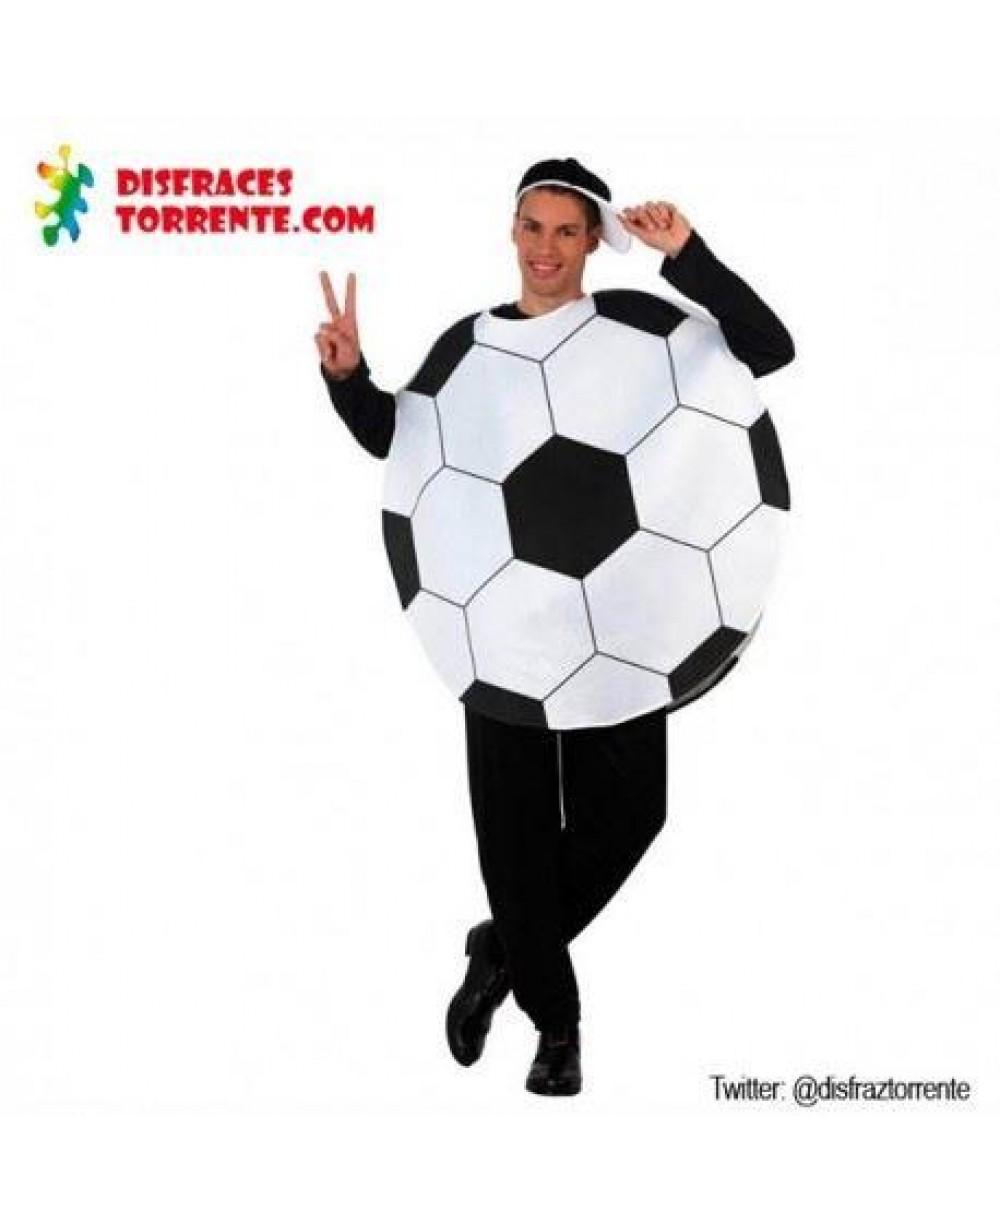 Il negozio online giochi carnevale scuola costume uomo pallone da calcio t 2 - Costume da bagno traduzione ...